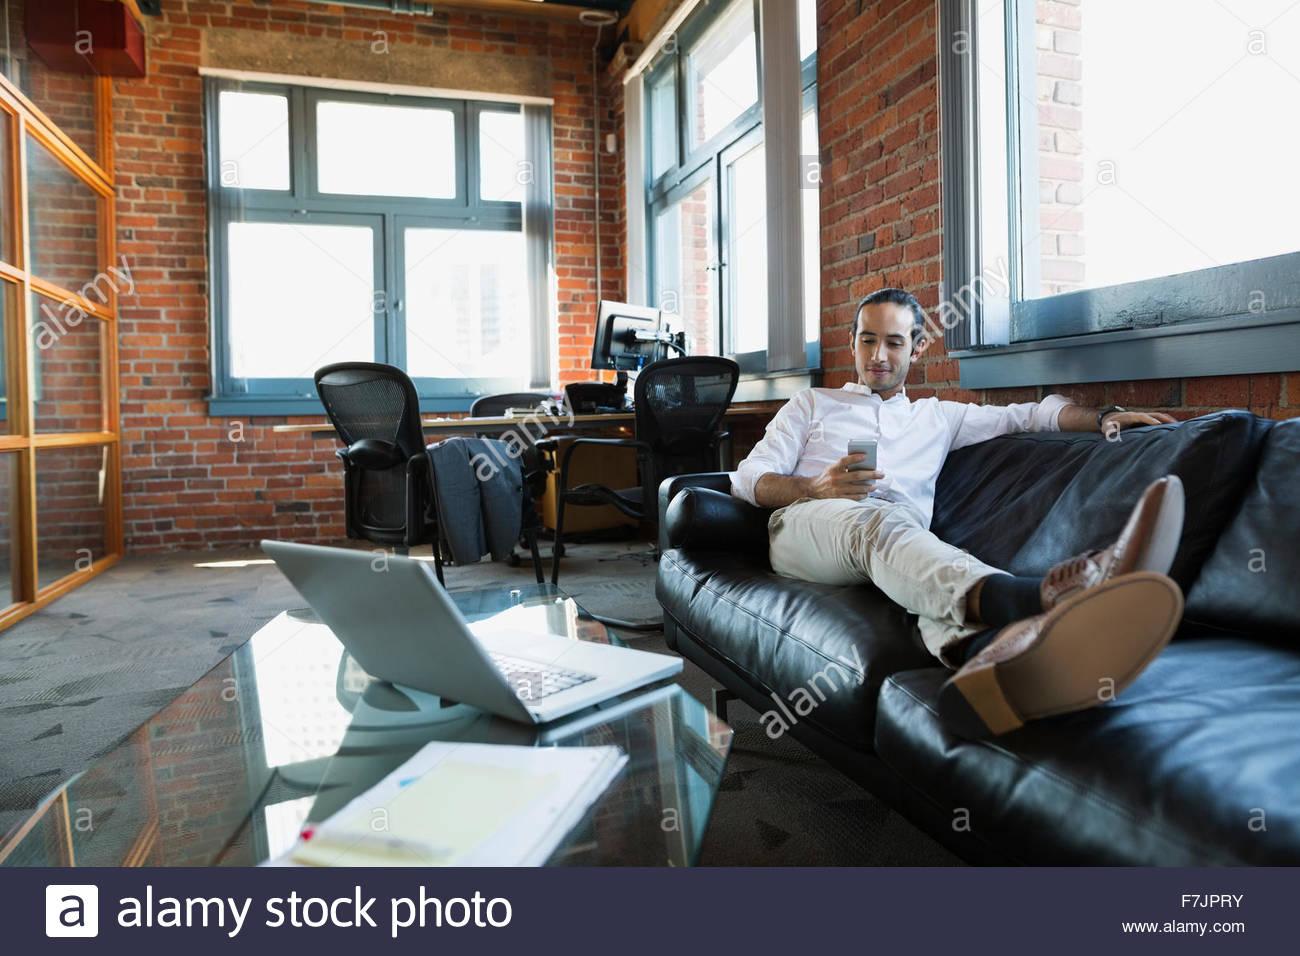 Imprenditore confortevole texting sul divano per ufficio Immagini Stock